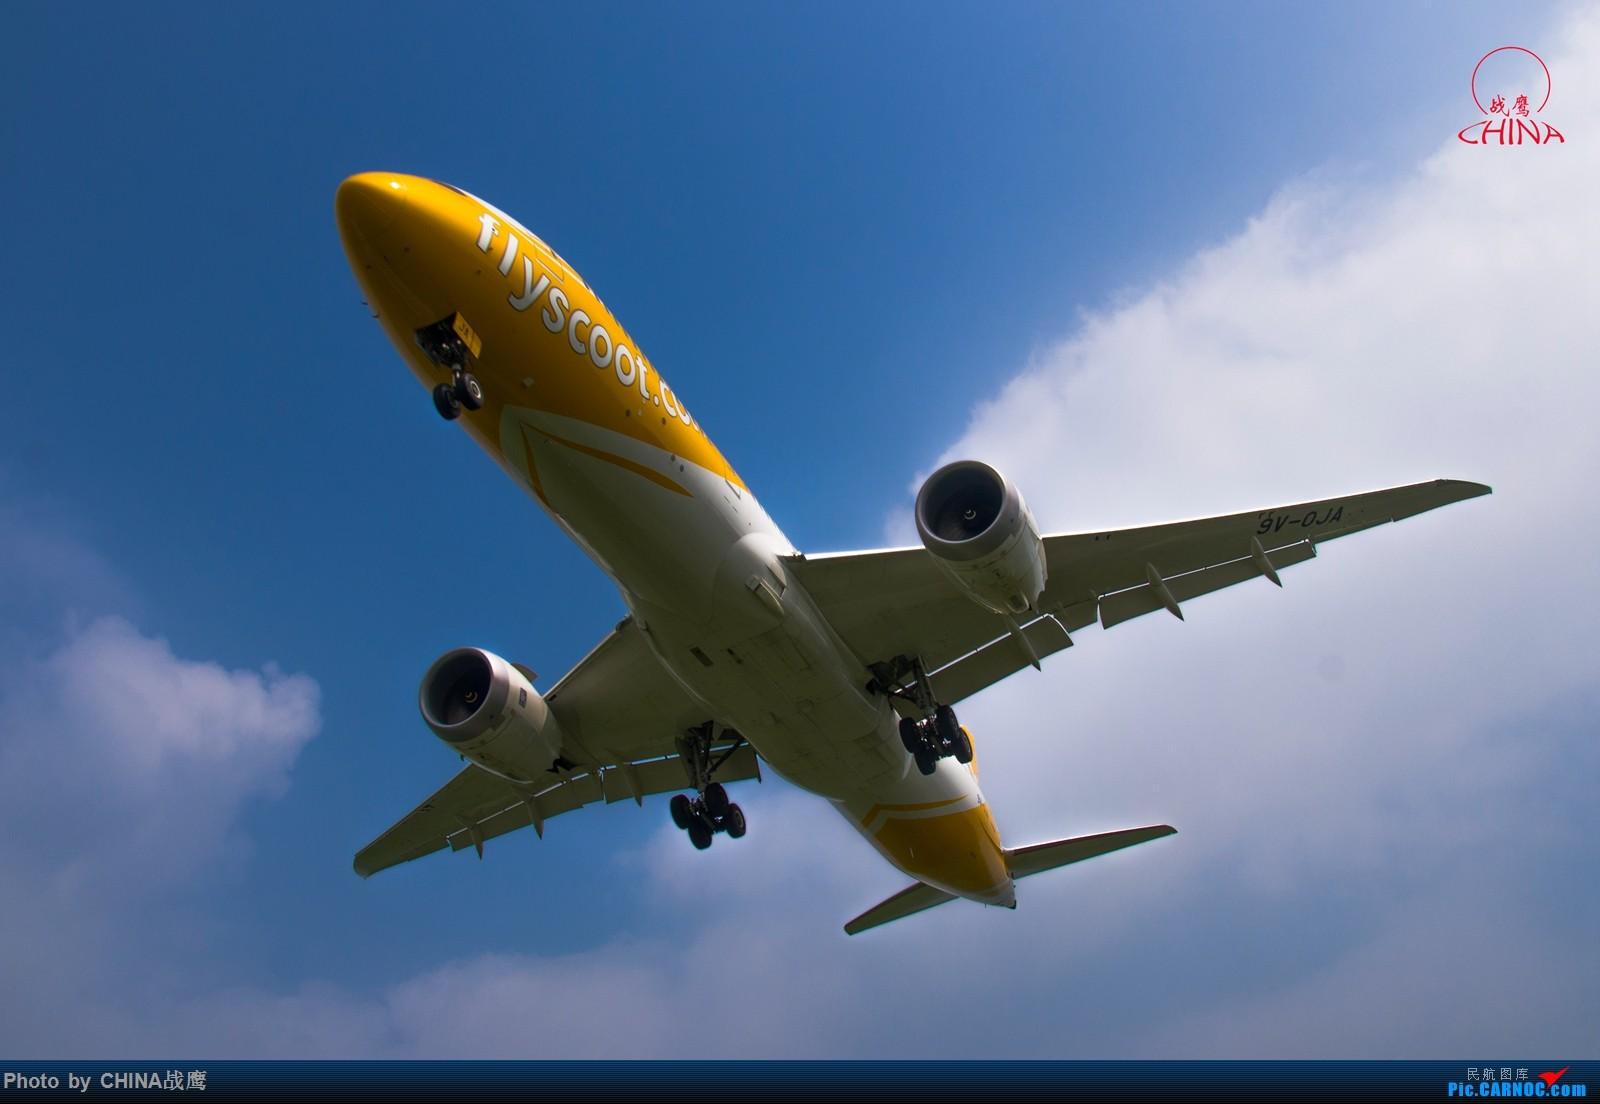 [原创]【SHE】第三季度桃仙拍飞机集锦 BOEING 787-9 9V-OJA 中国沈阳桃仙国际机场